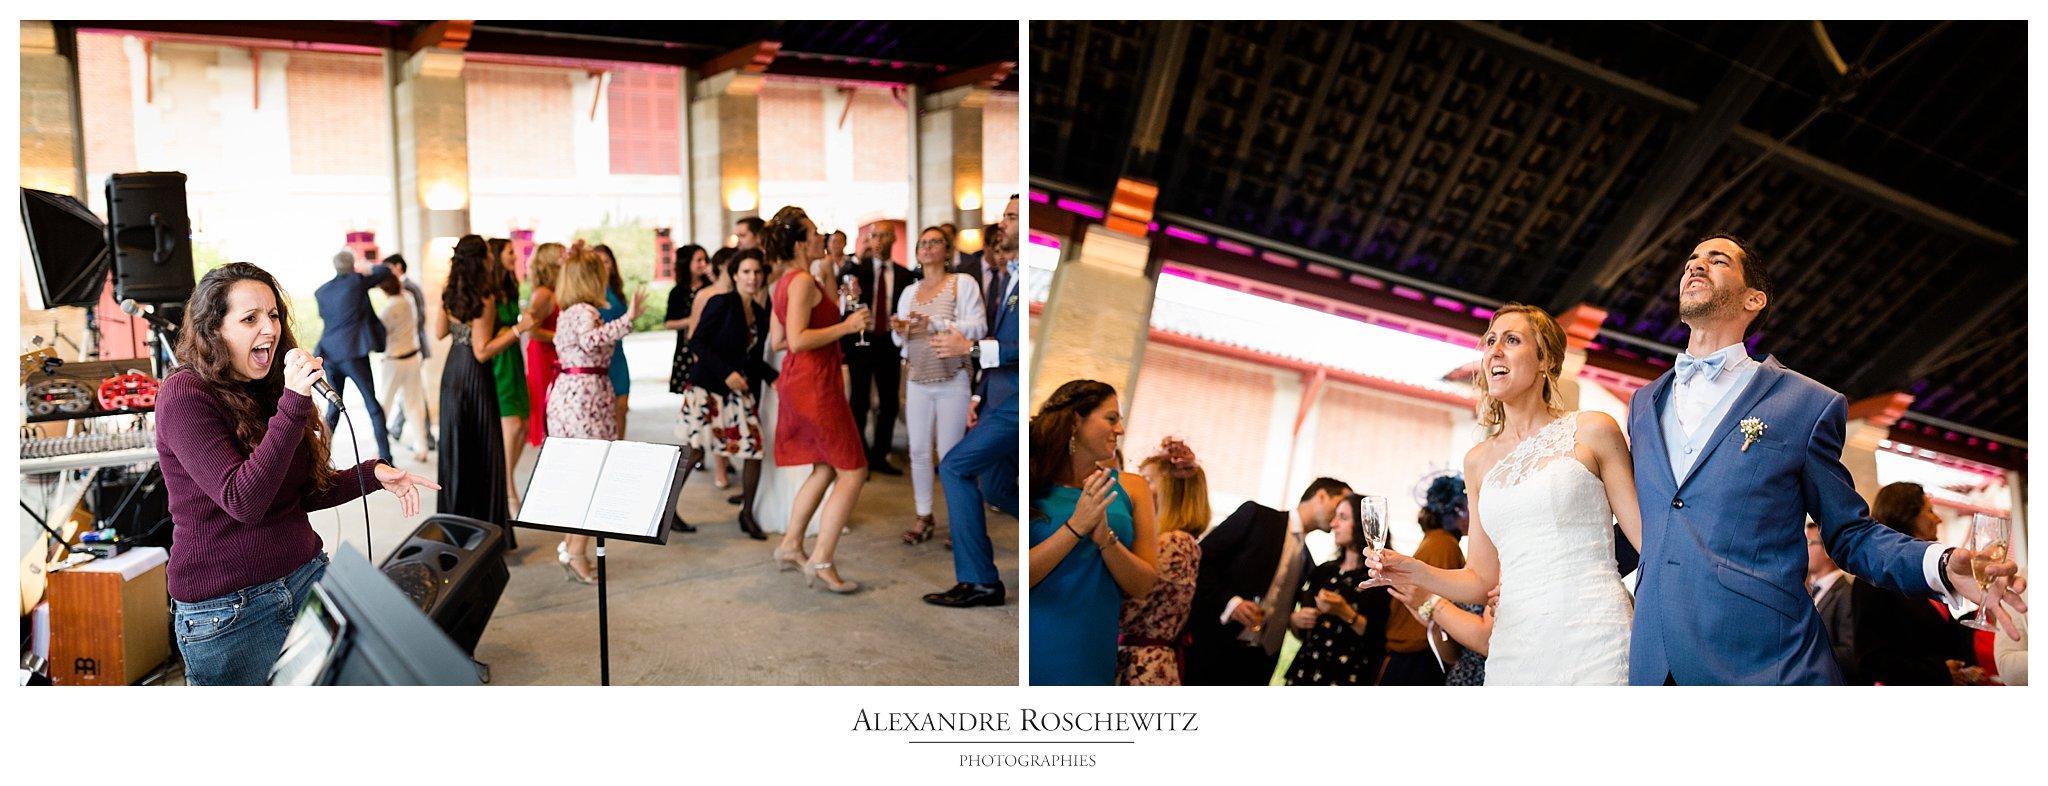 Il y a une semaine, j'ai assisté au mariage de deux grands mariés. Au sens propre comme au figuré ! Alexandre Roschewitz Photographies.